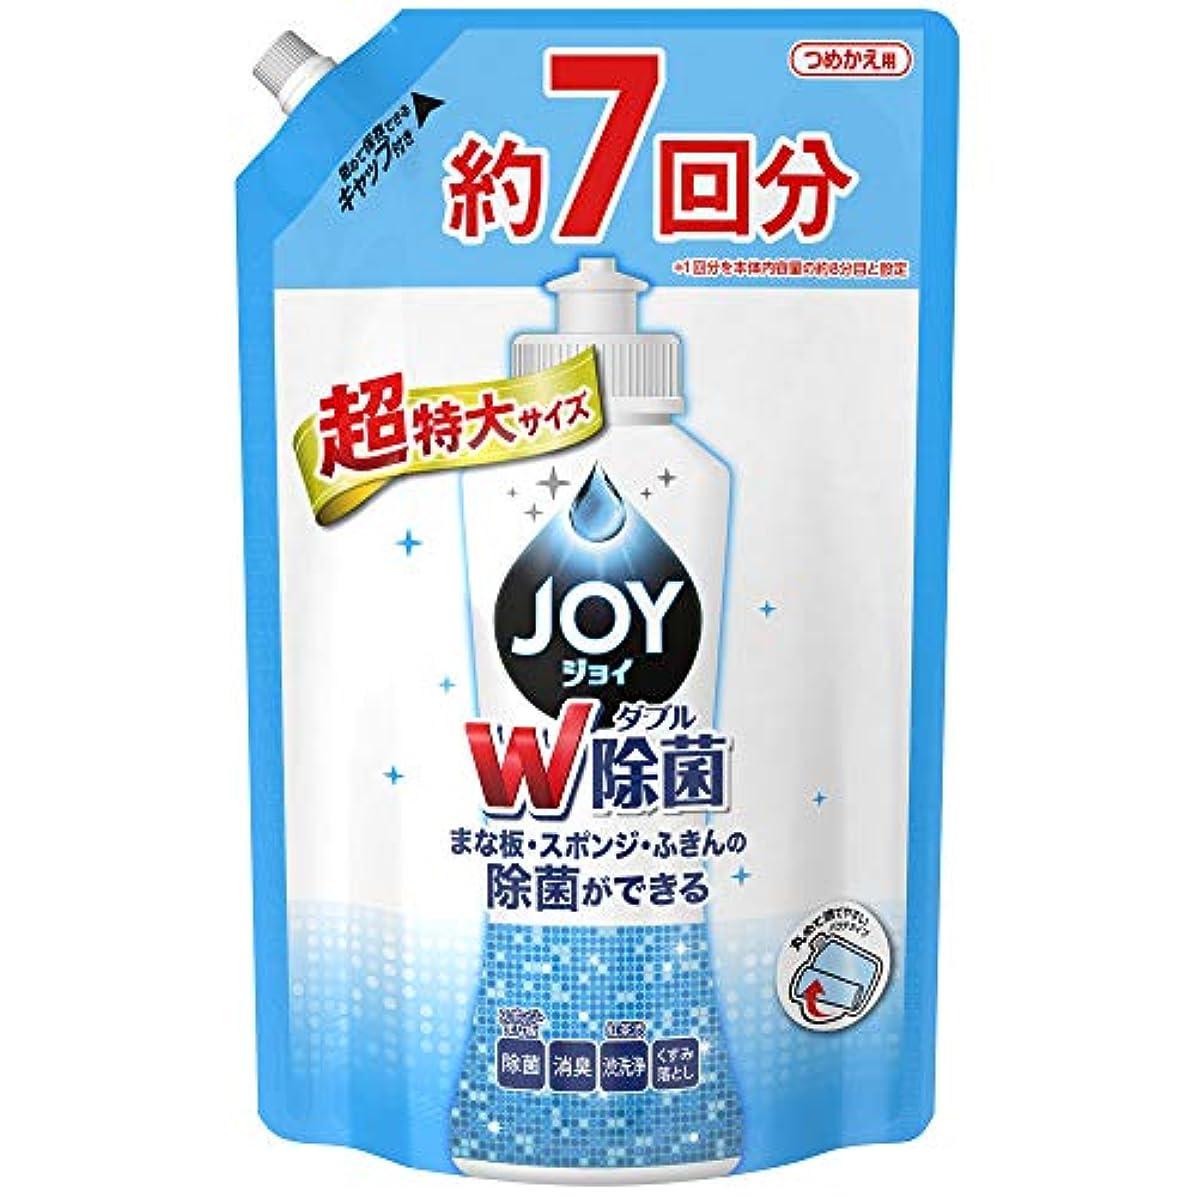 ジョイントに勝るスプリット【大容量】 除菌ジョイ コンパクト 食器用洗剤 超特大 1065ml